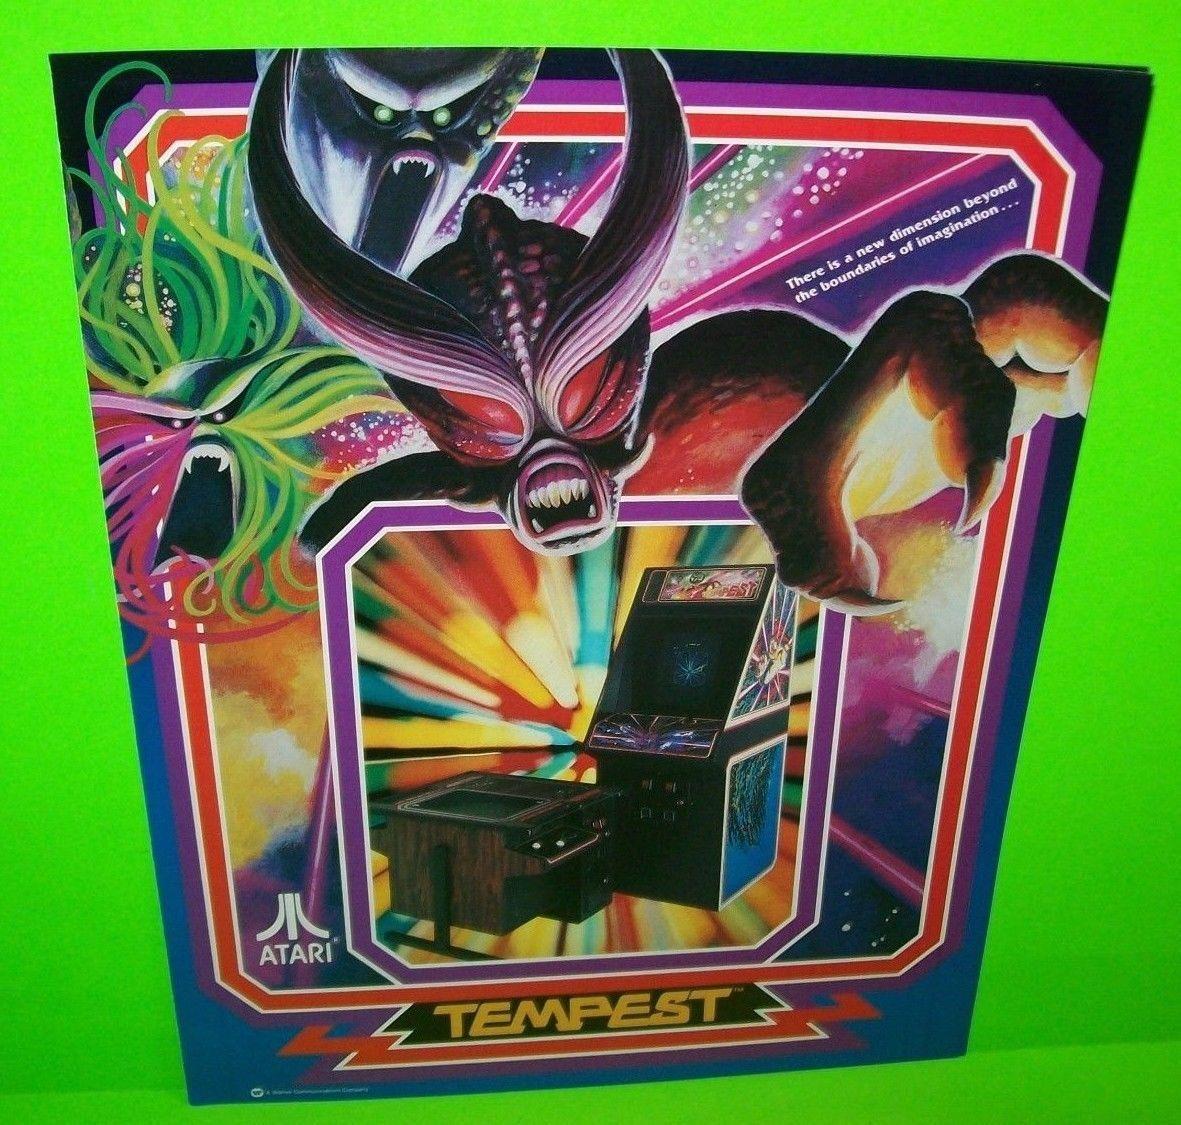 Arcade Art Tempest Atari Video Arcade Game FLYER 1982